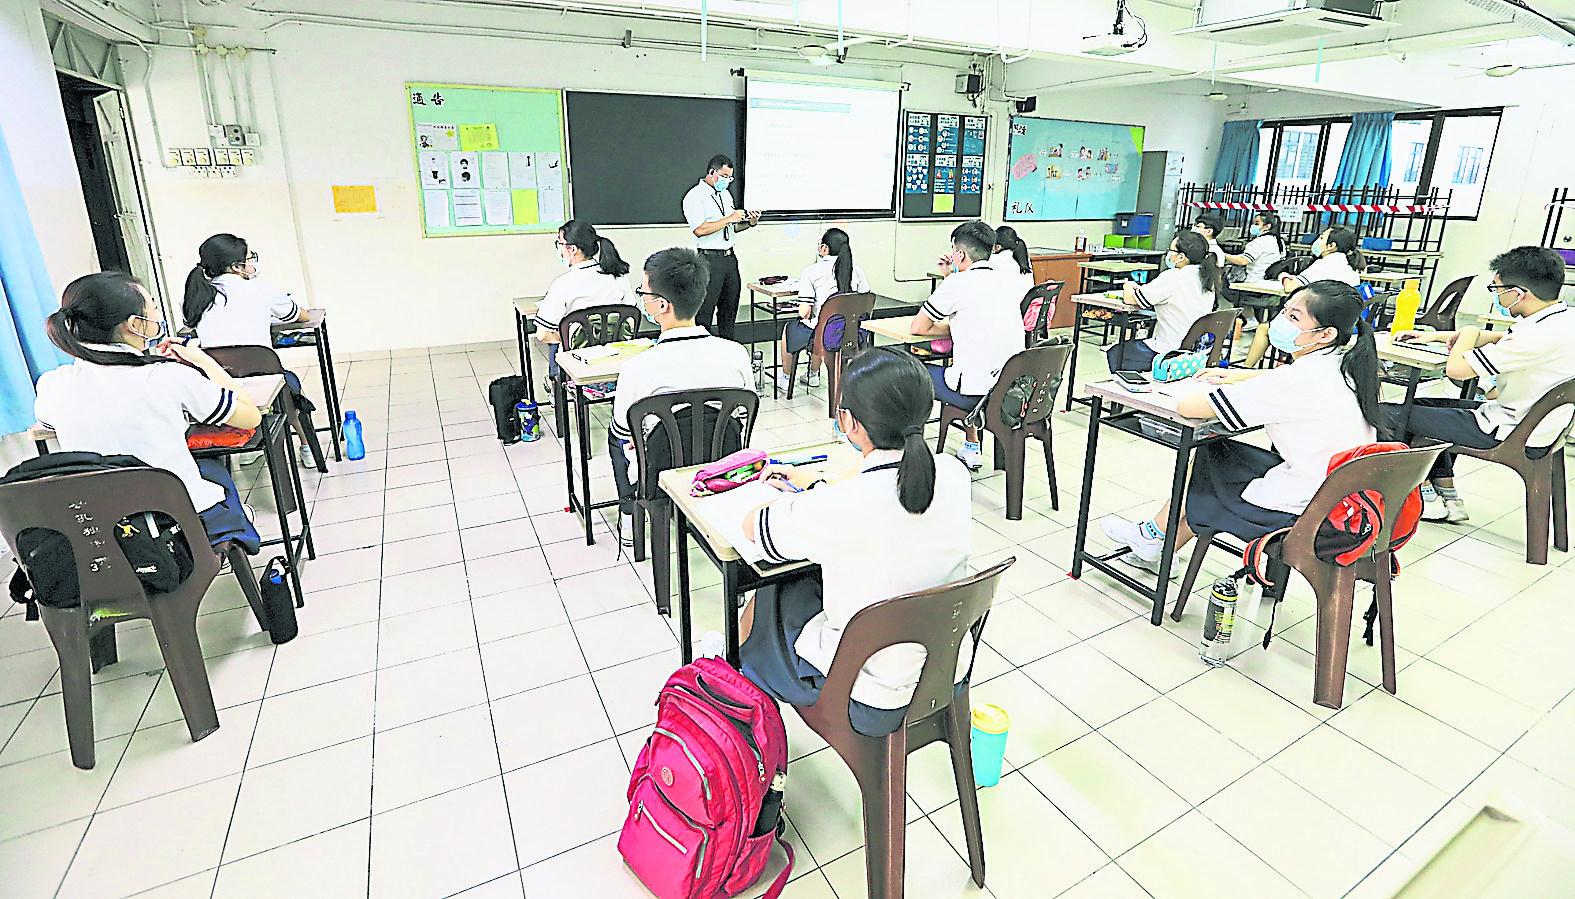 大都会/封底副文/跟进中六第二期学生从10月3日开始返校上课情况 / 5图